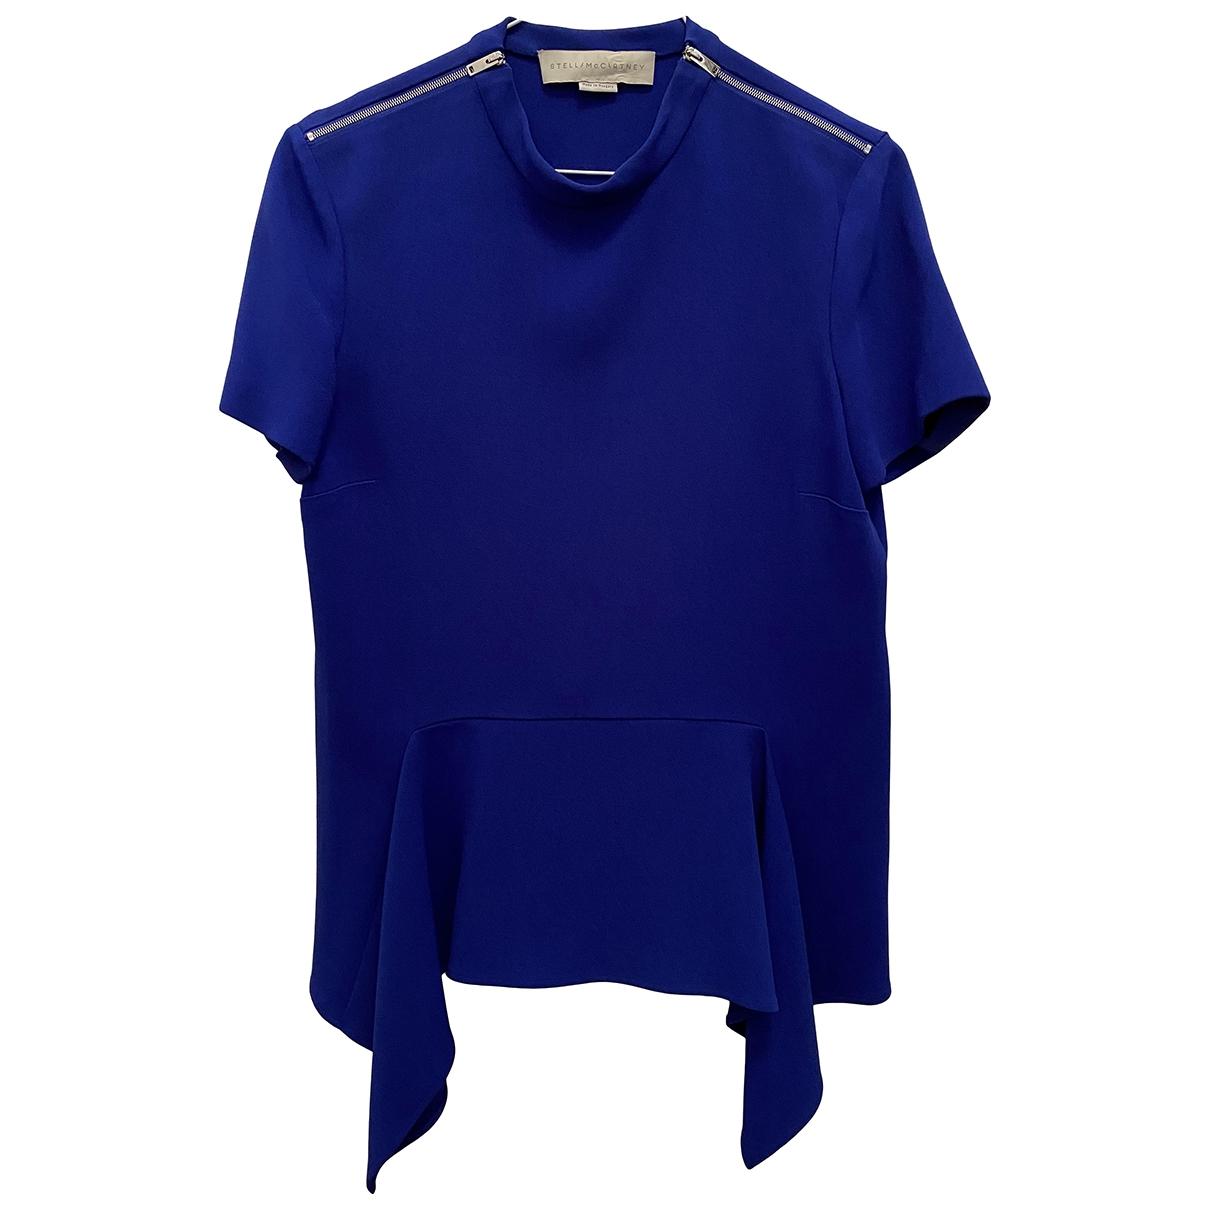 Stella Mccartney \N Blue  top for Women 40 IT